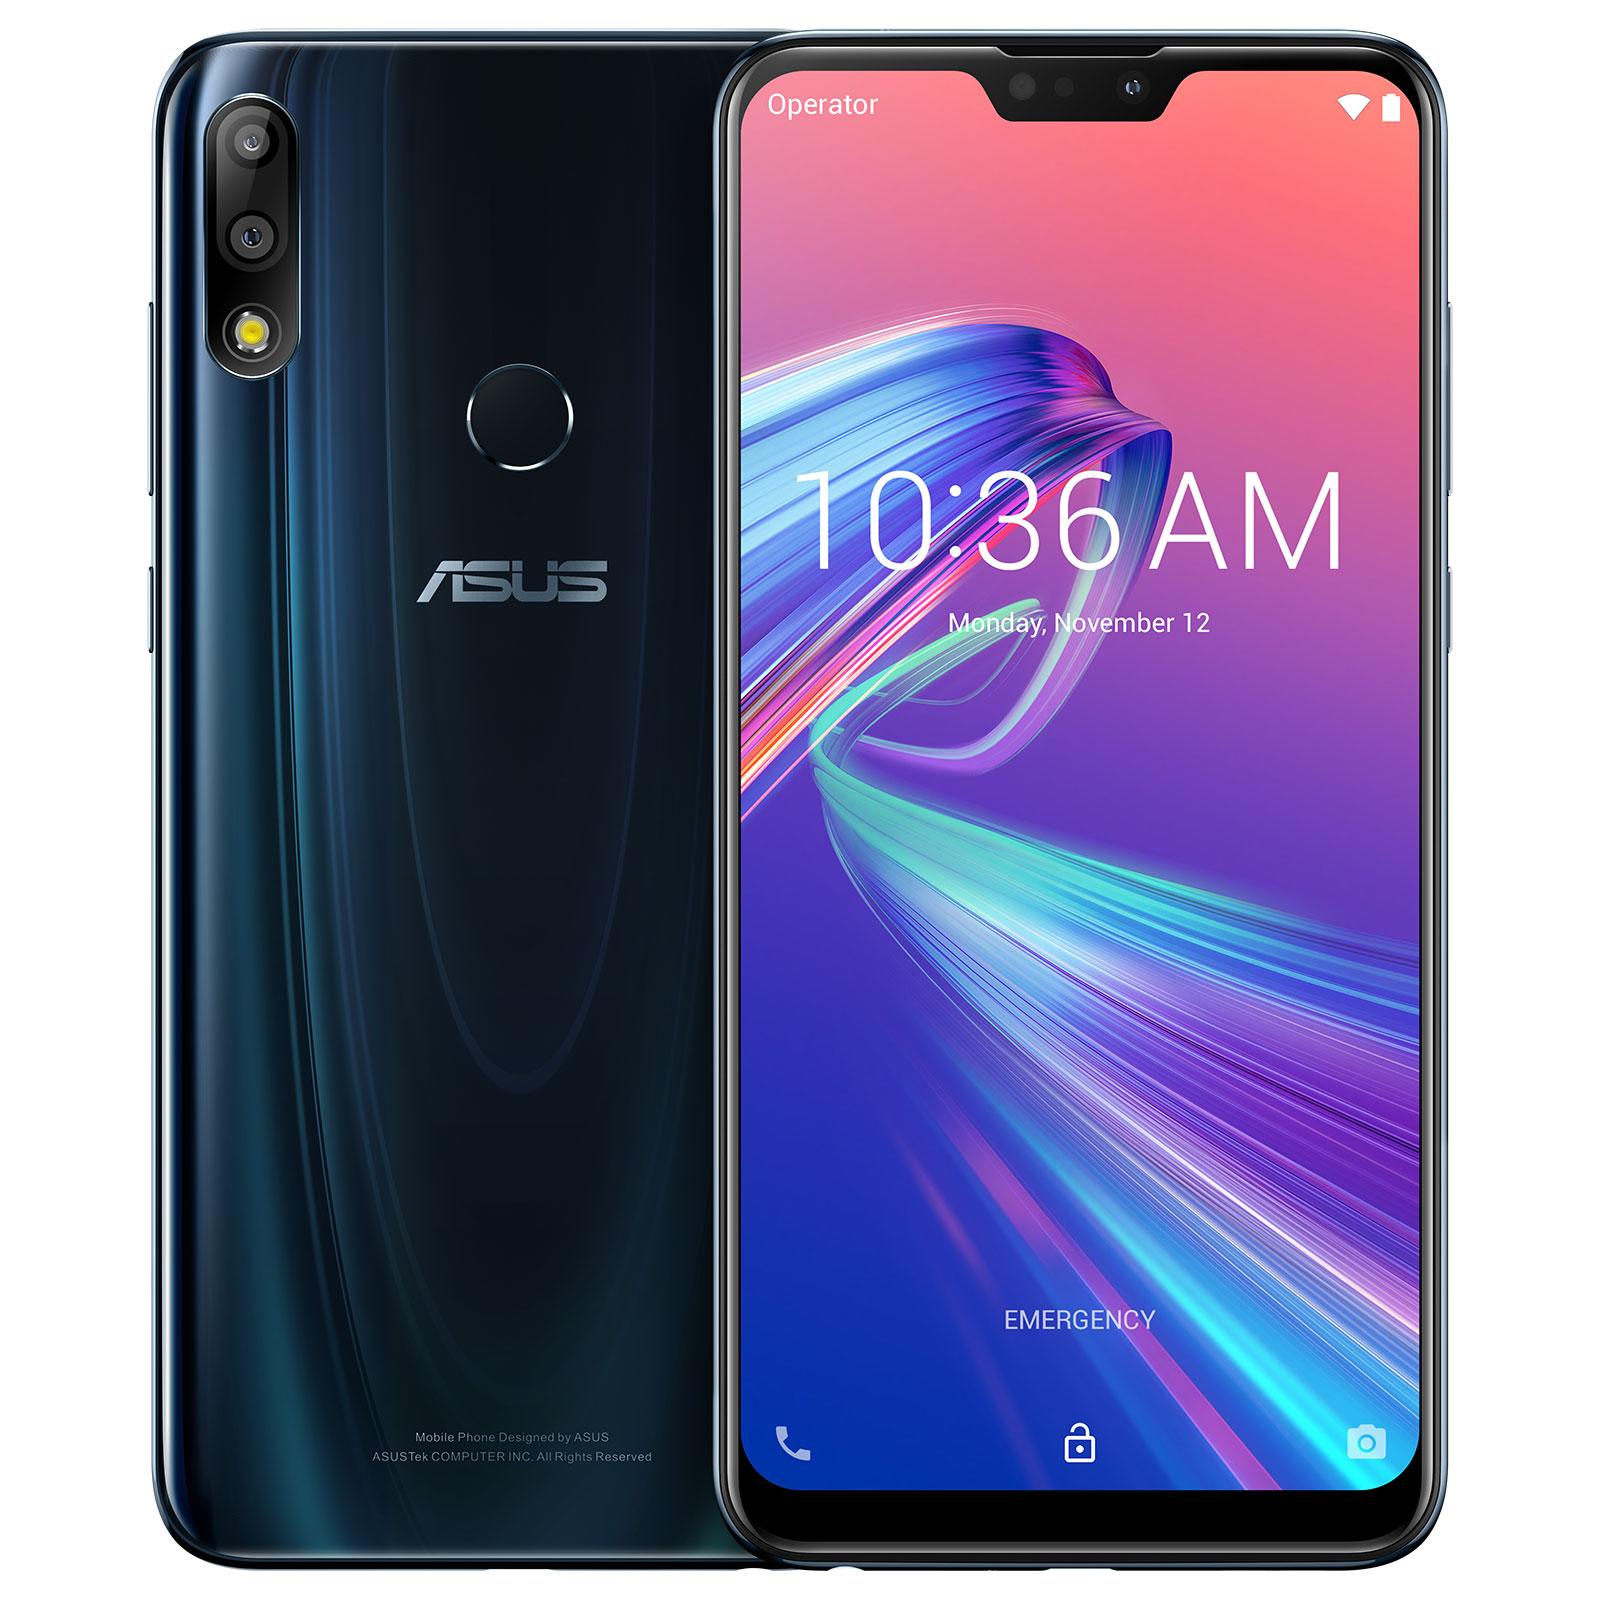 ZenFone Max PRO M2 Bleu (90AX01B2-M00950) - Achat / Vente Téléphonie sur Picata.fr - 0